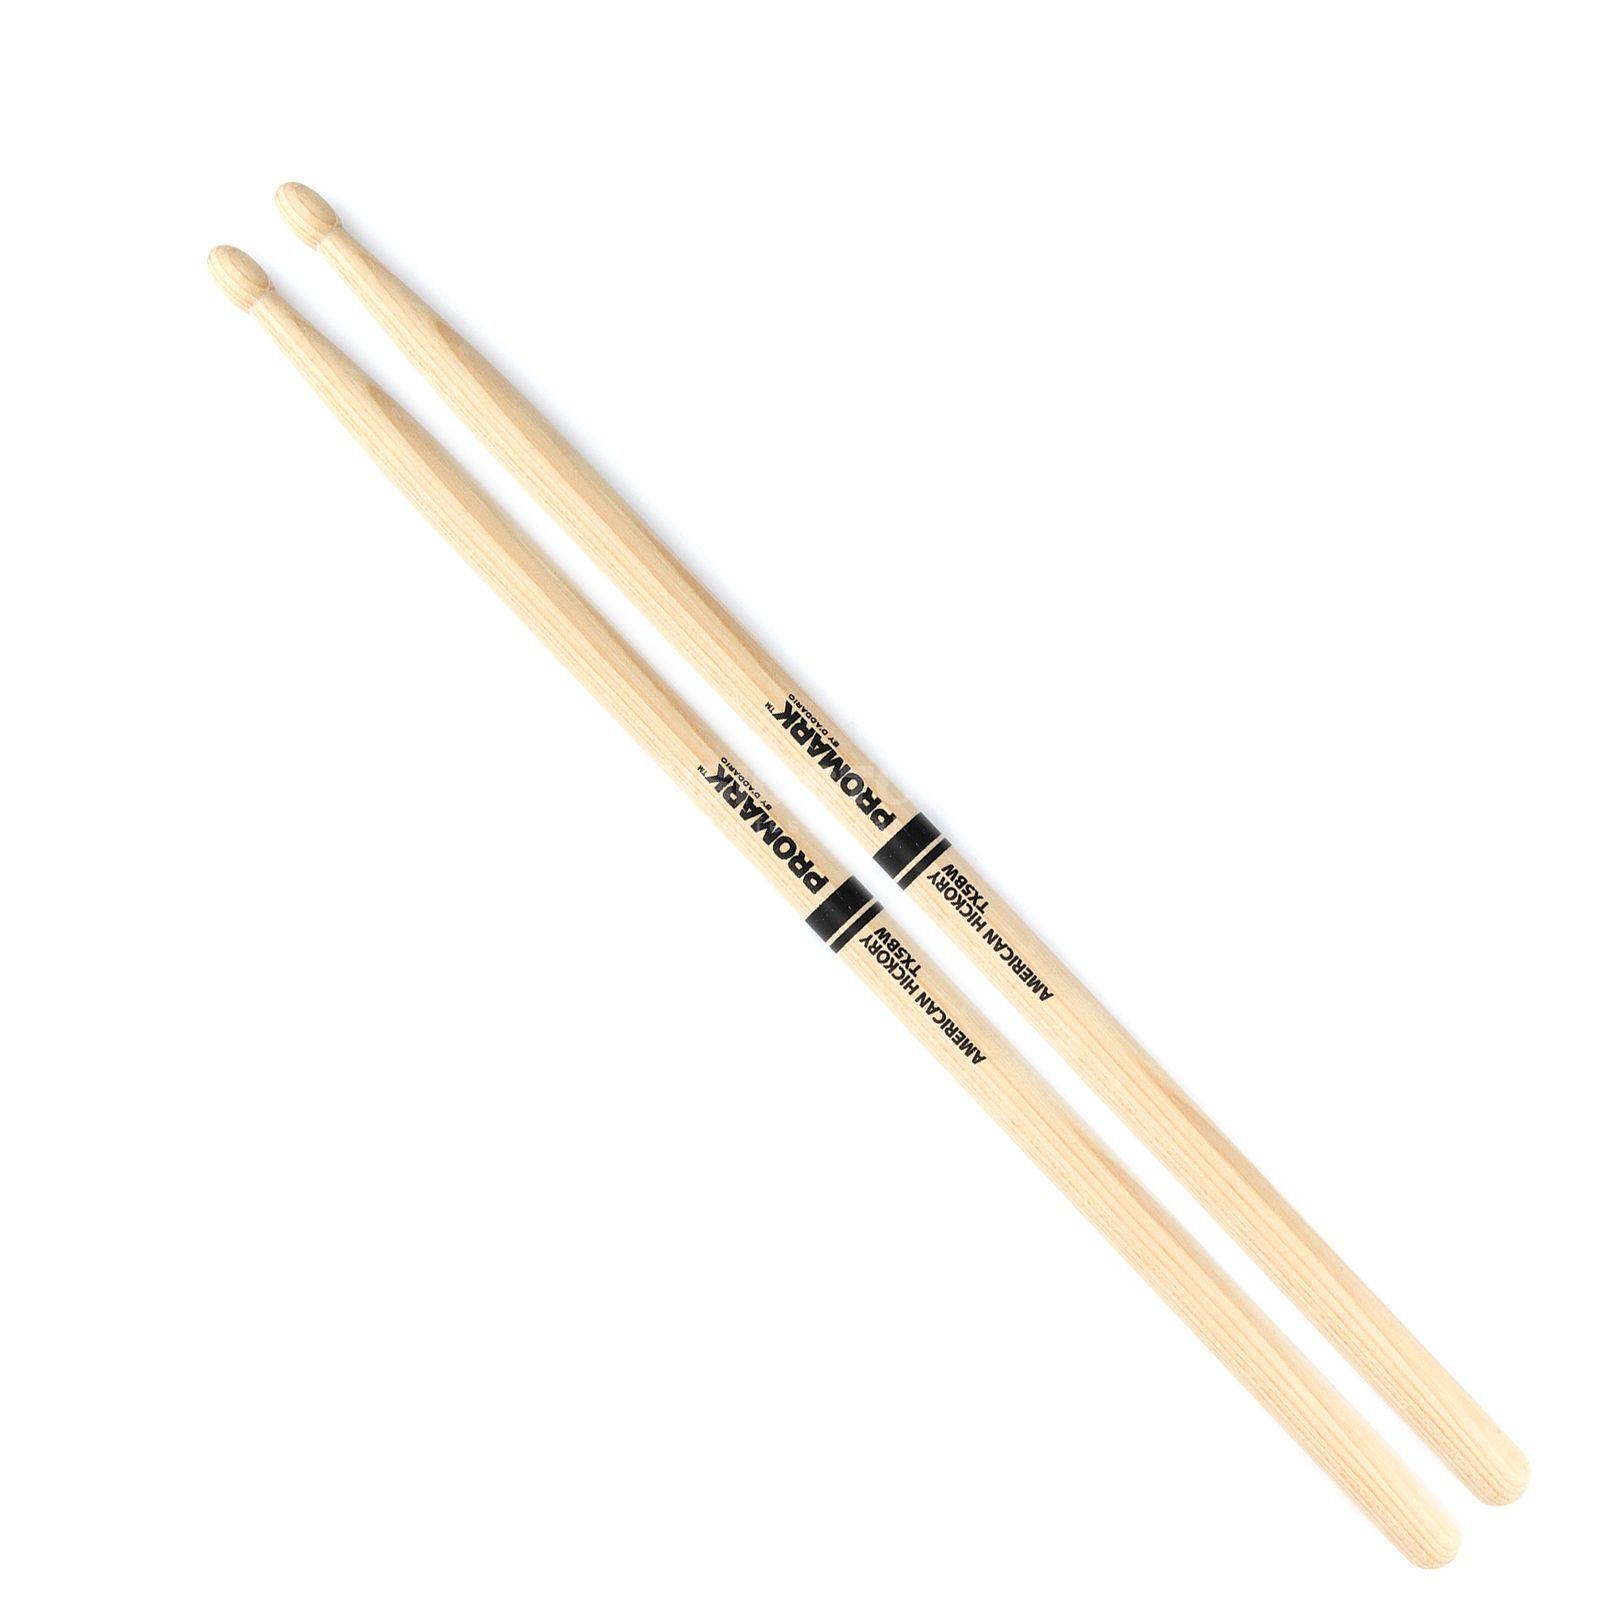 Pro Mark American Hickory 5A baquetas de percusi/ón con punta de madera